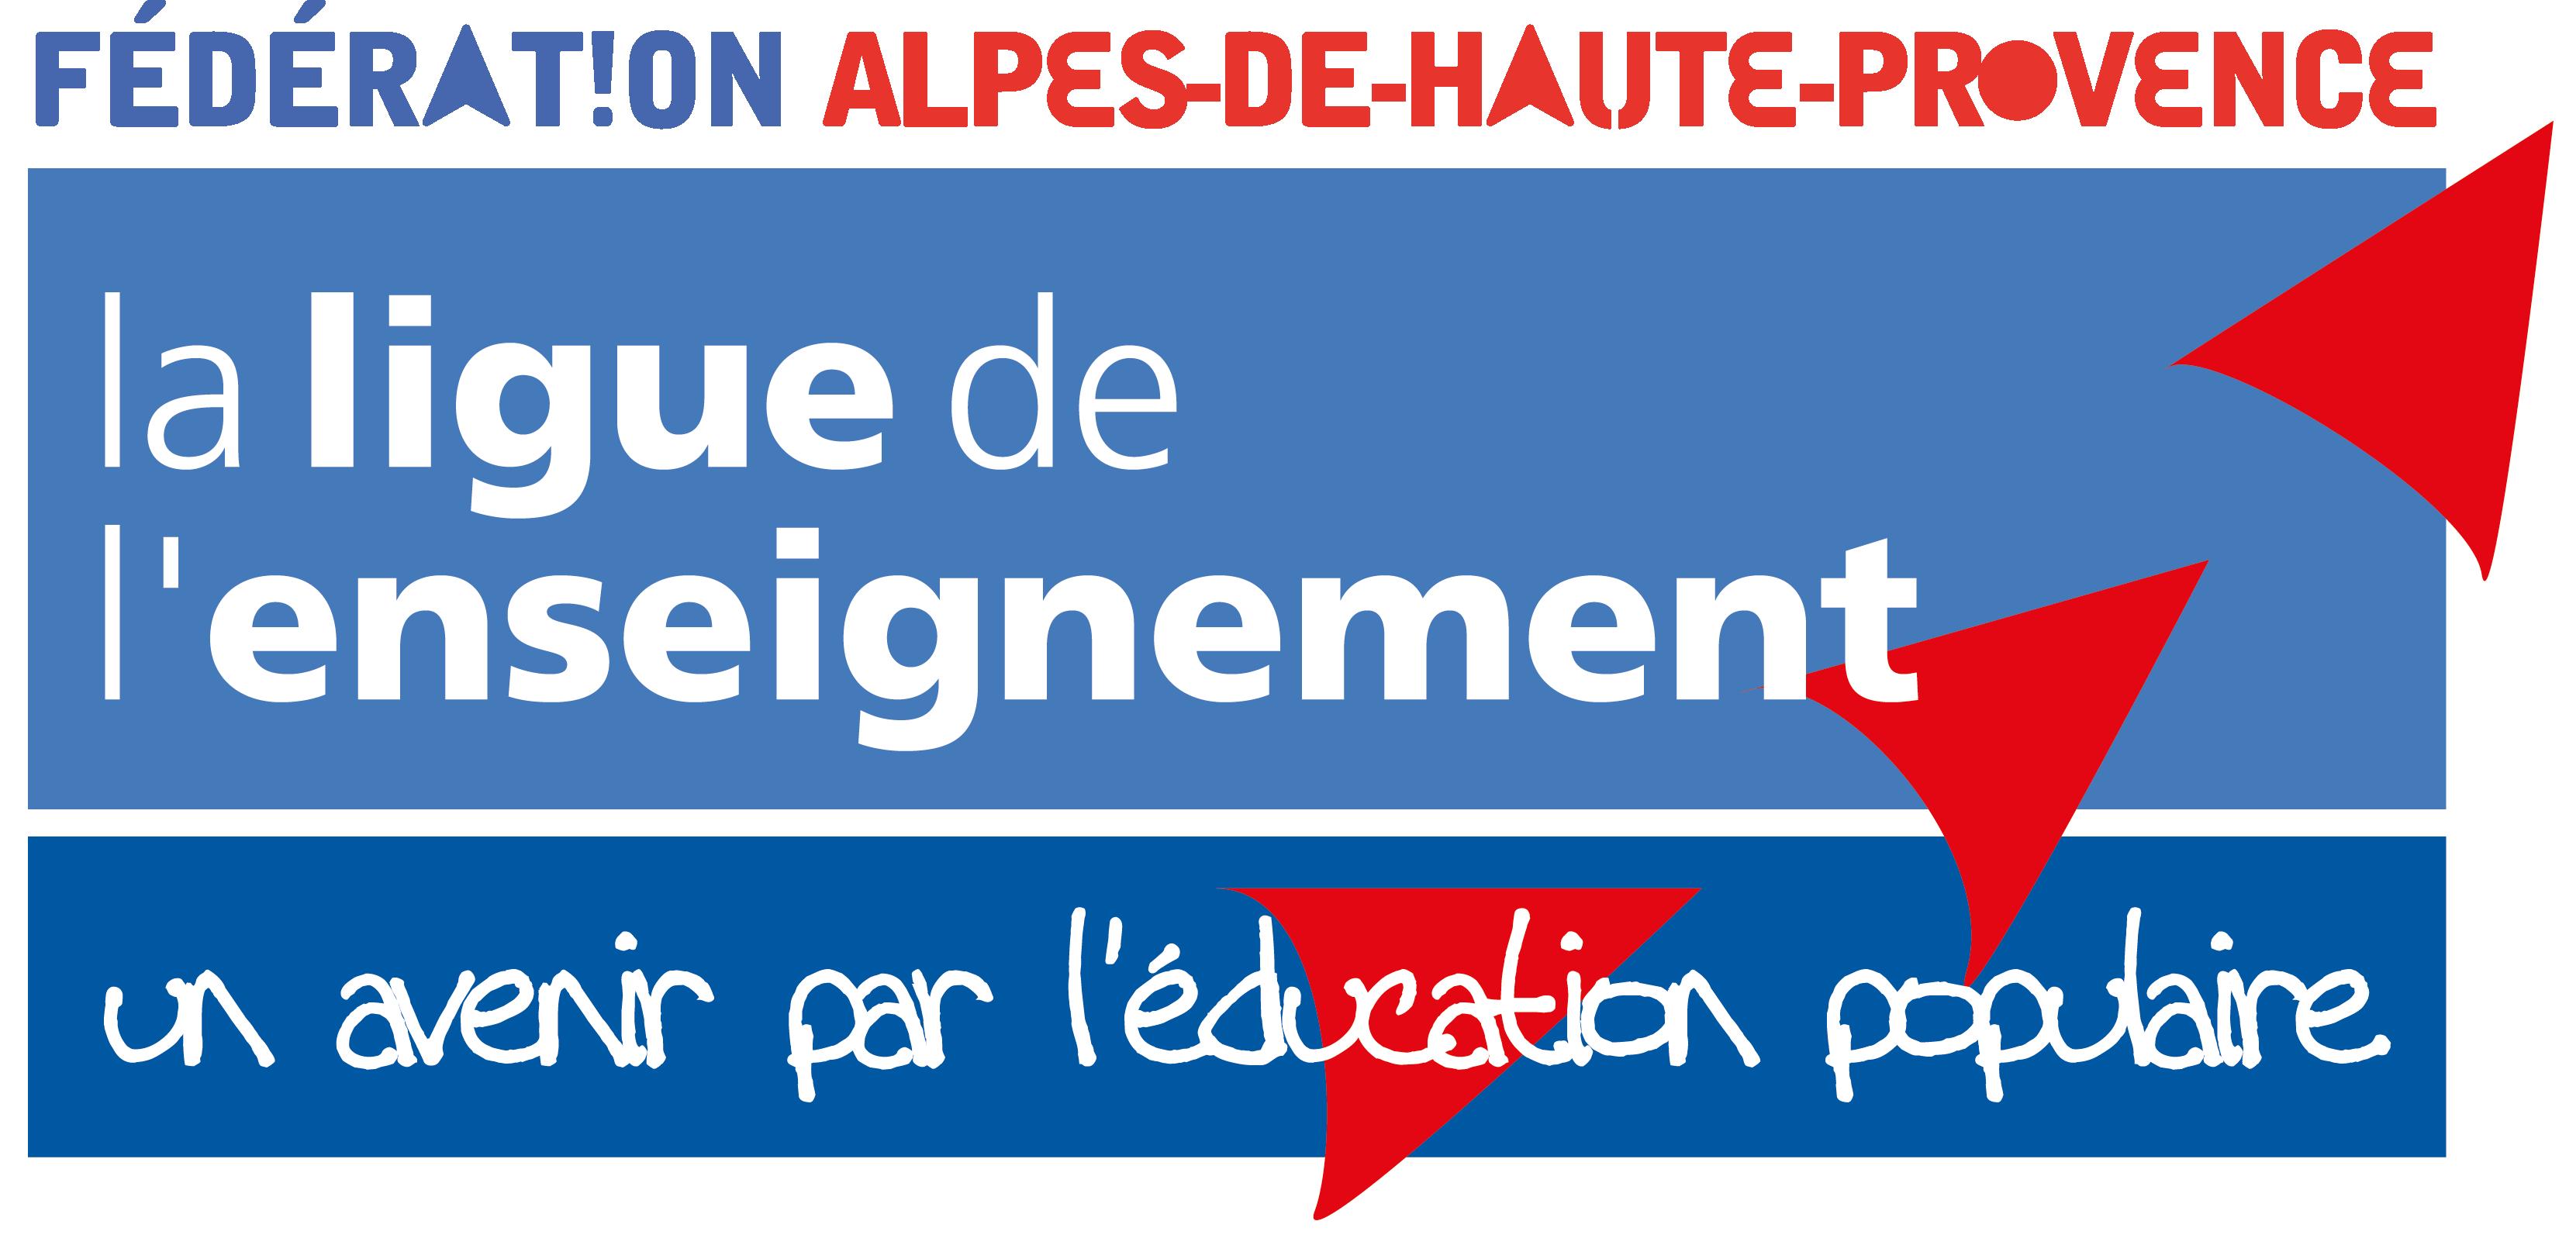 La ligue de l'enseignement des Alpes-de-Haute-Provence